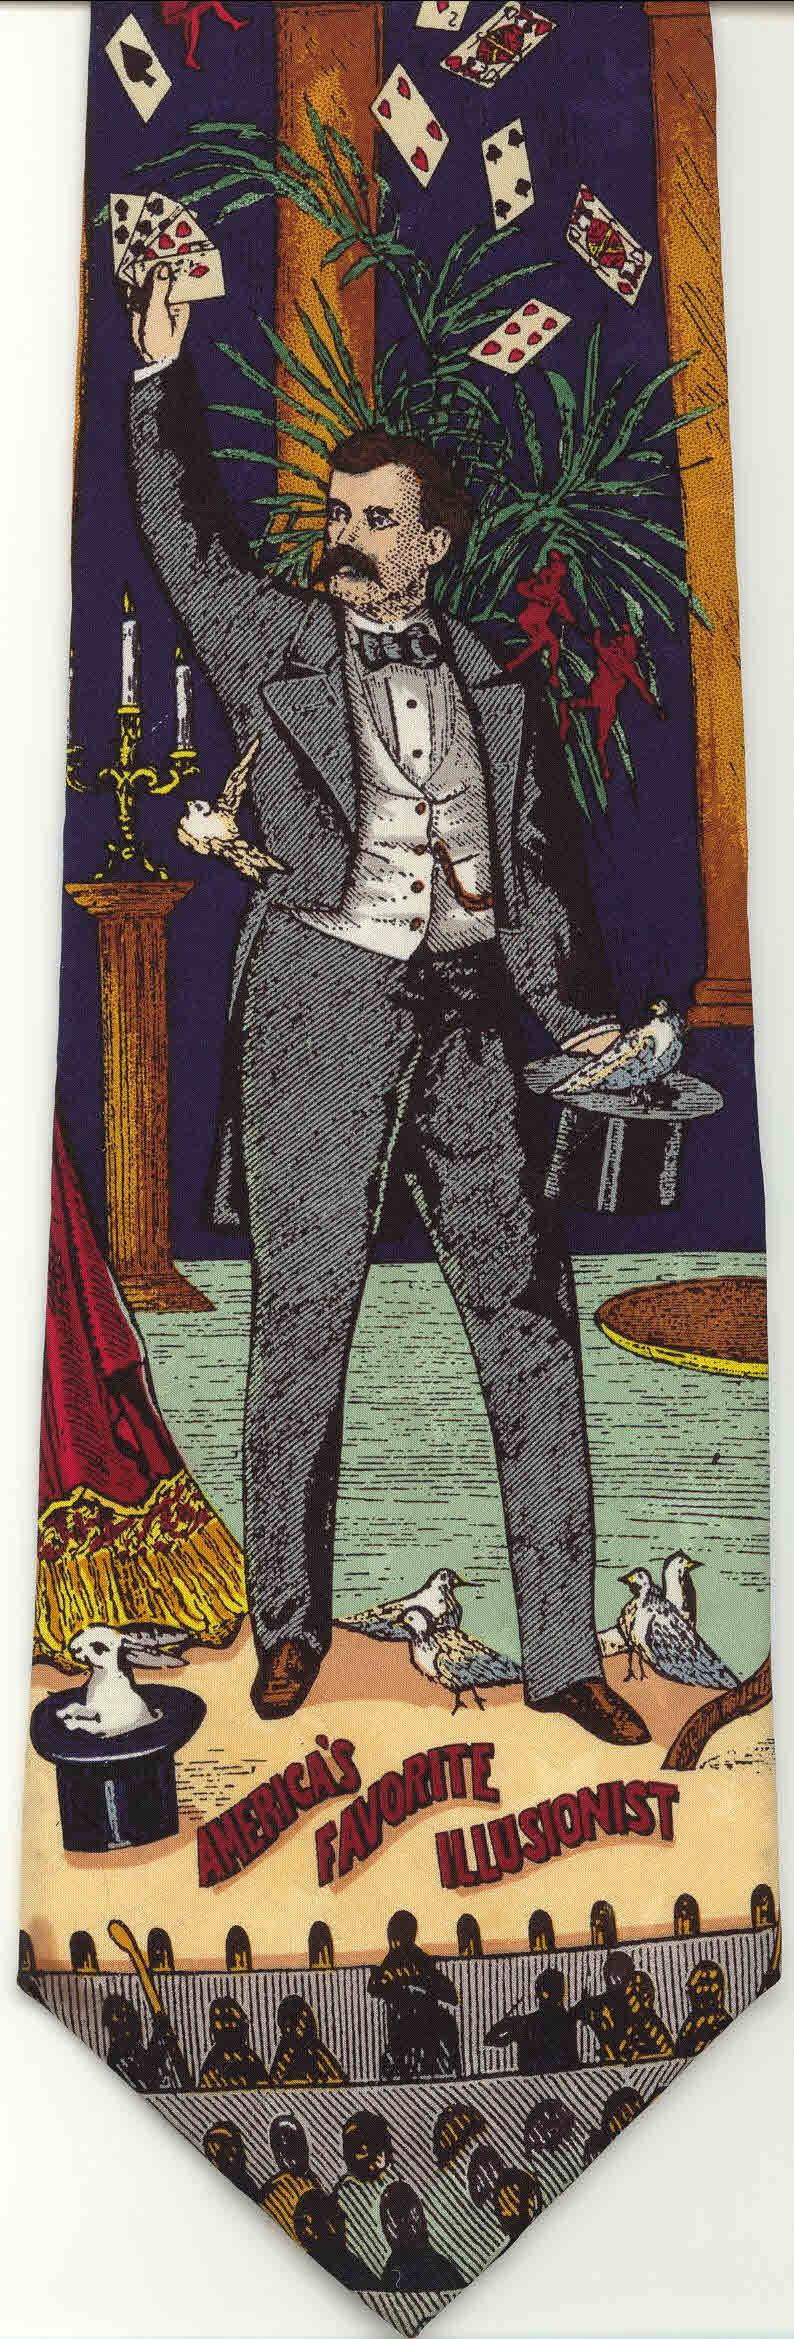 029 Favorite Magician.jpg